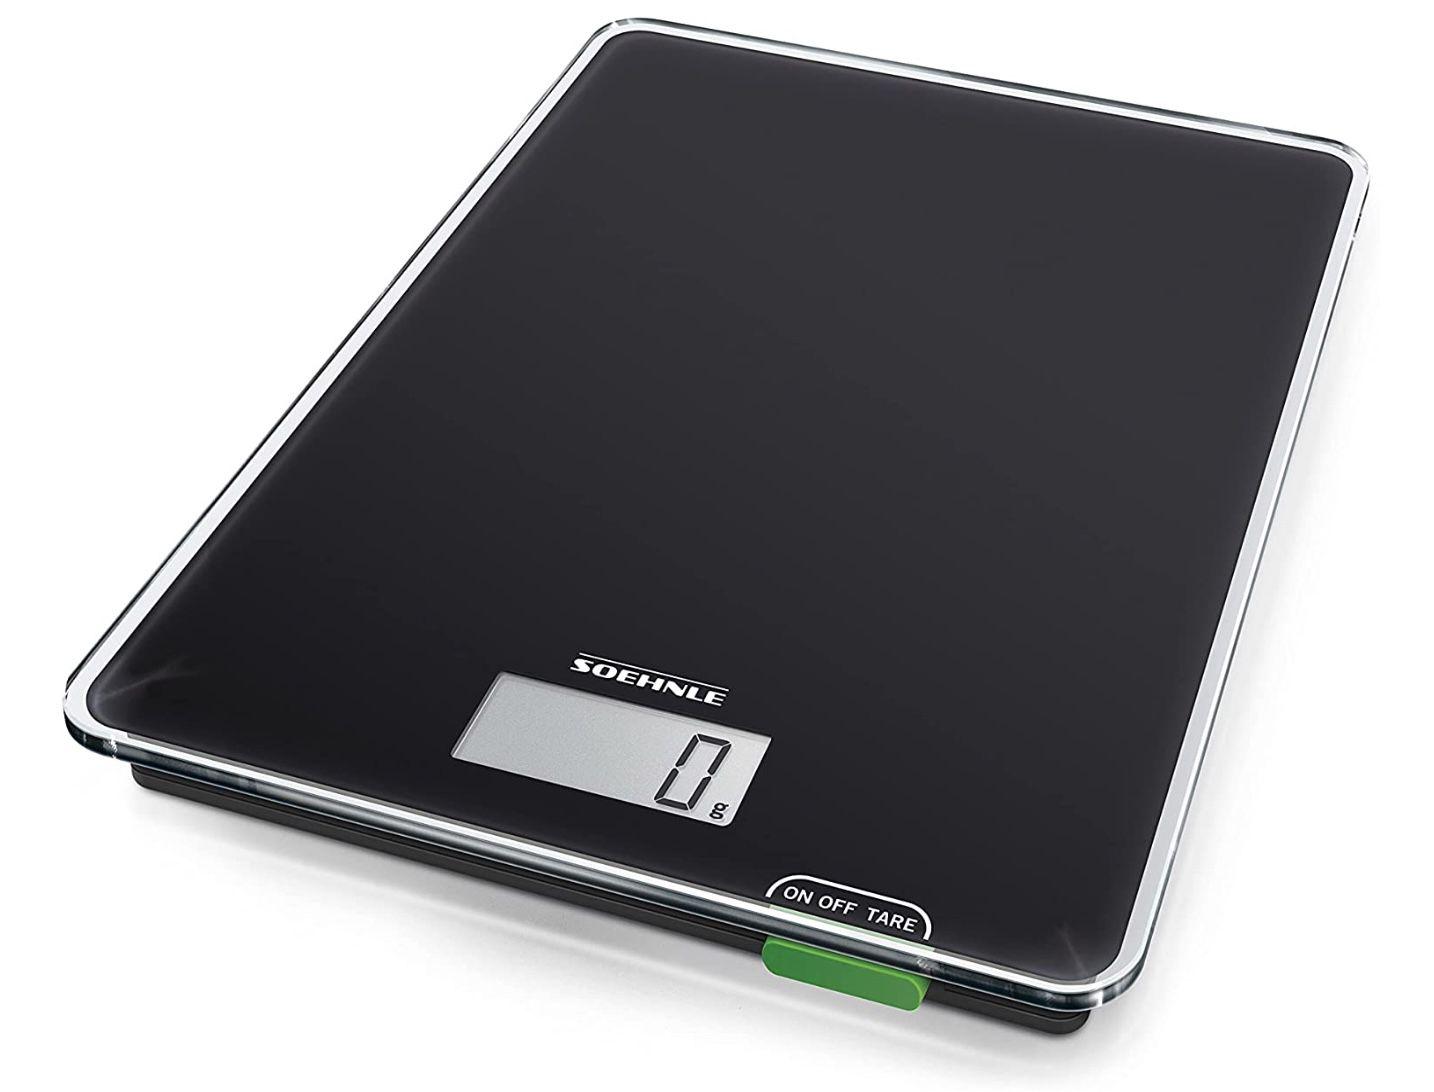 Soehnle Page Compact 100 digitale & bis zu 5 kg belastbare Küchenwaage für 9,99€ (statt 14€)   Prime